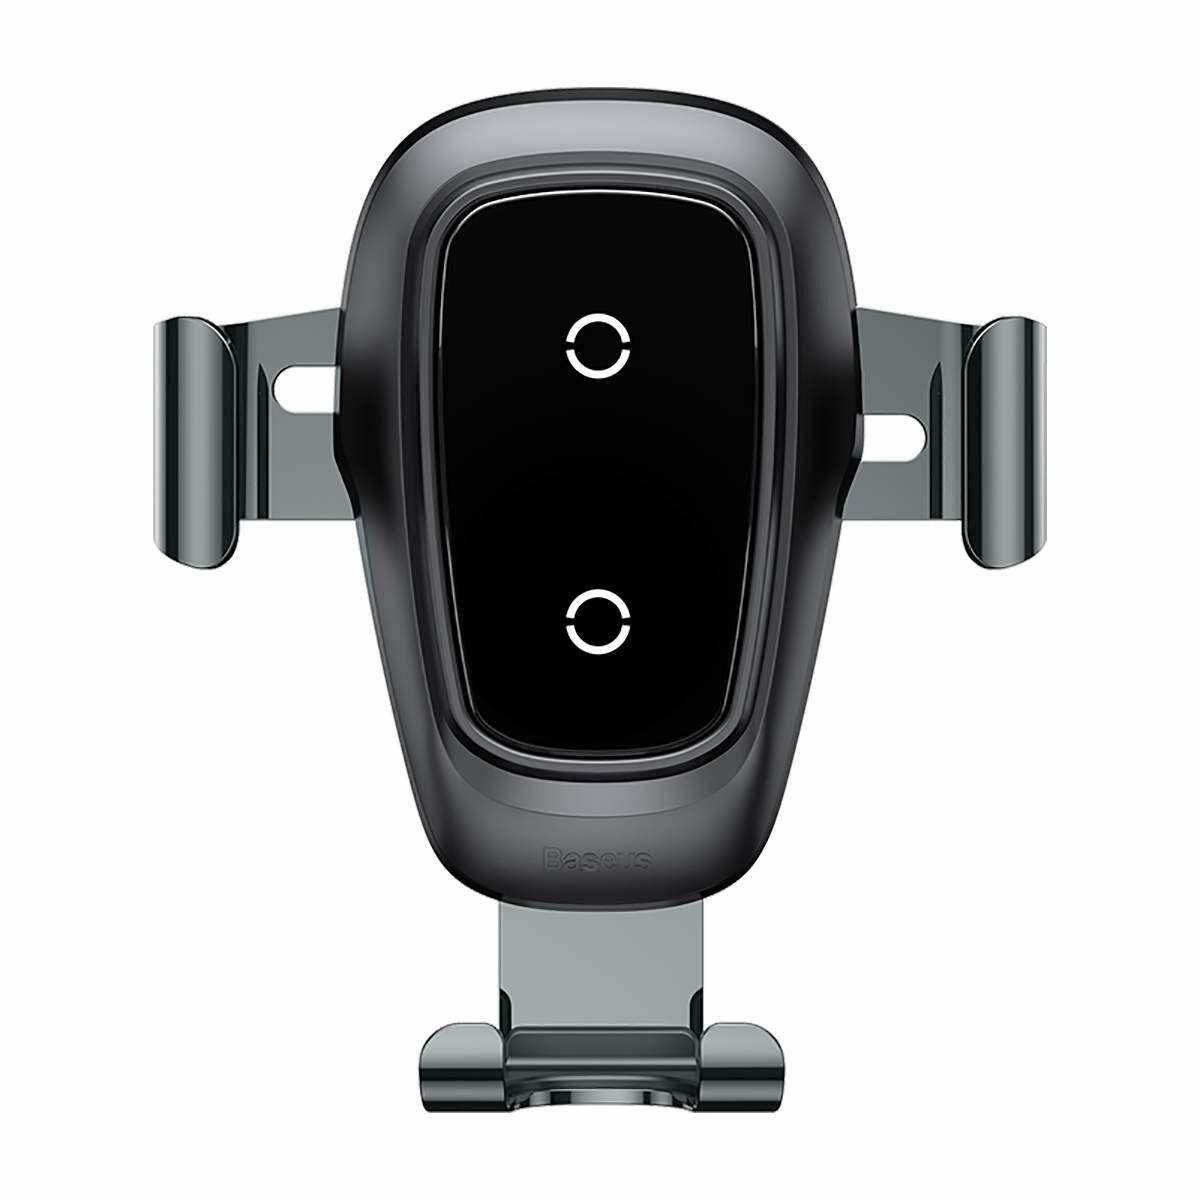 Baseus autós telefon tartó, vezeték nélküli töltő Gravity, fekete (WXYL-B0A)